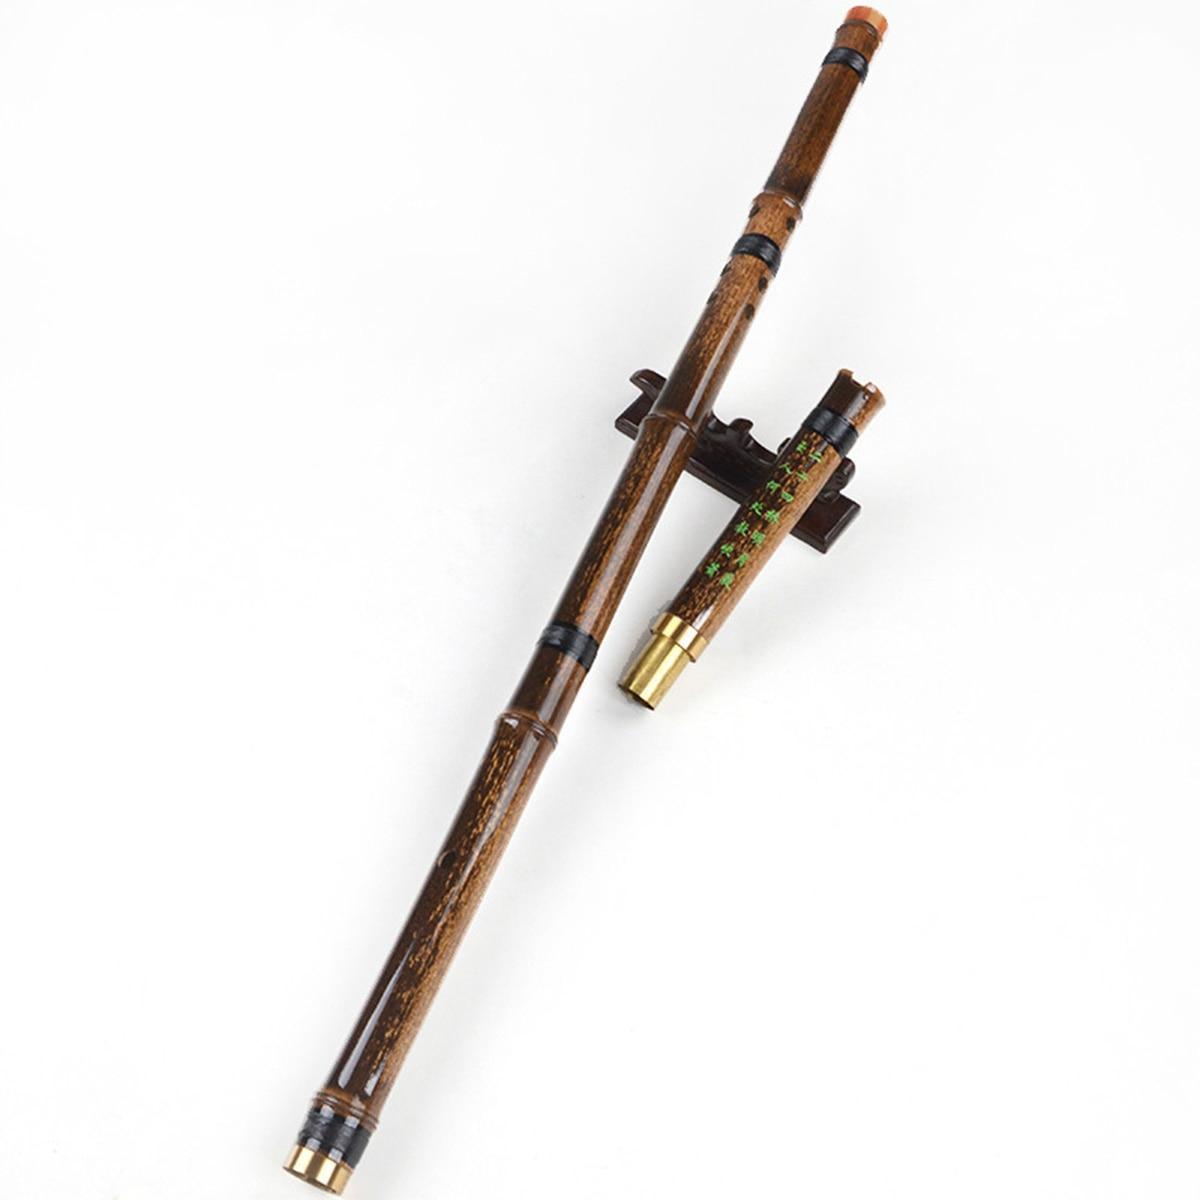 Flûte de bambou pourpre 2 Sections Instruments de musique professionnels de flûte de bois Xiao G/F Key Dizi chinois pour les amateurs de musique